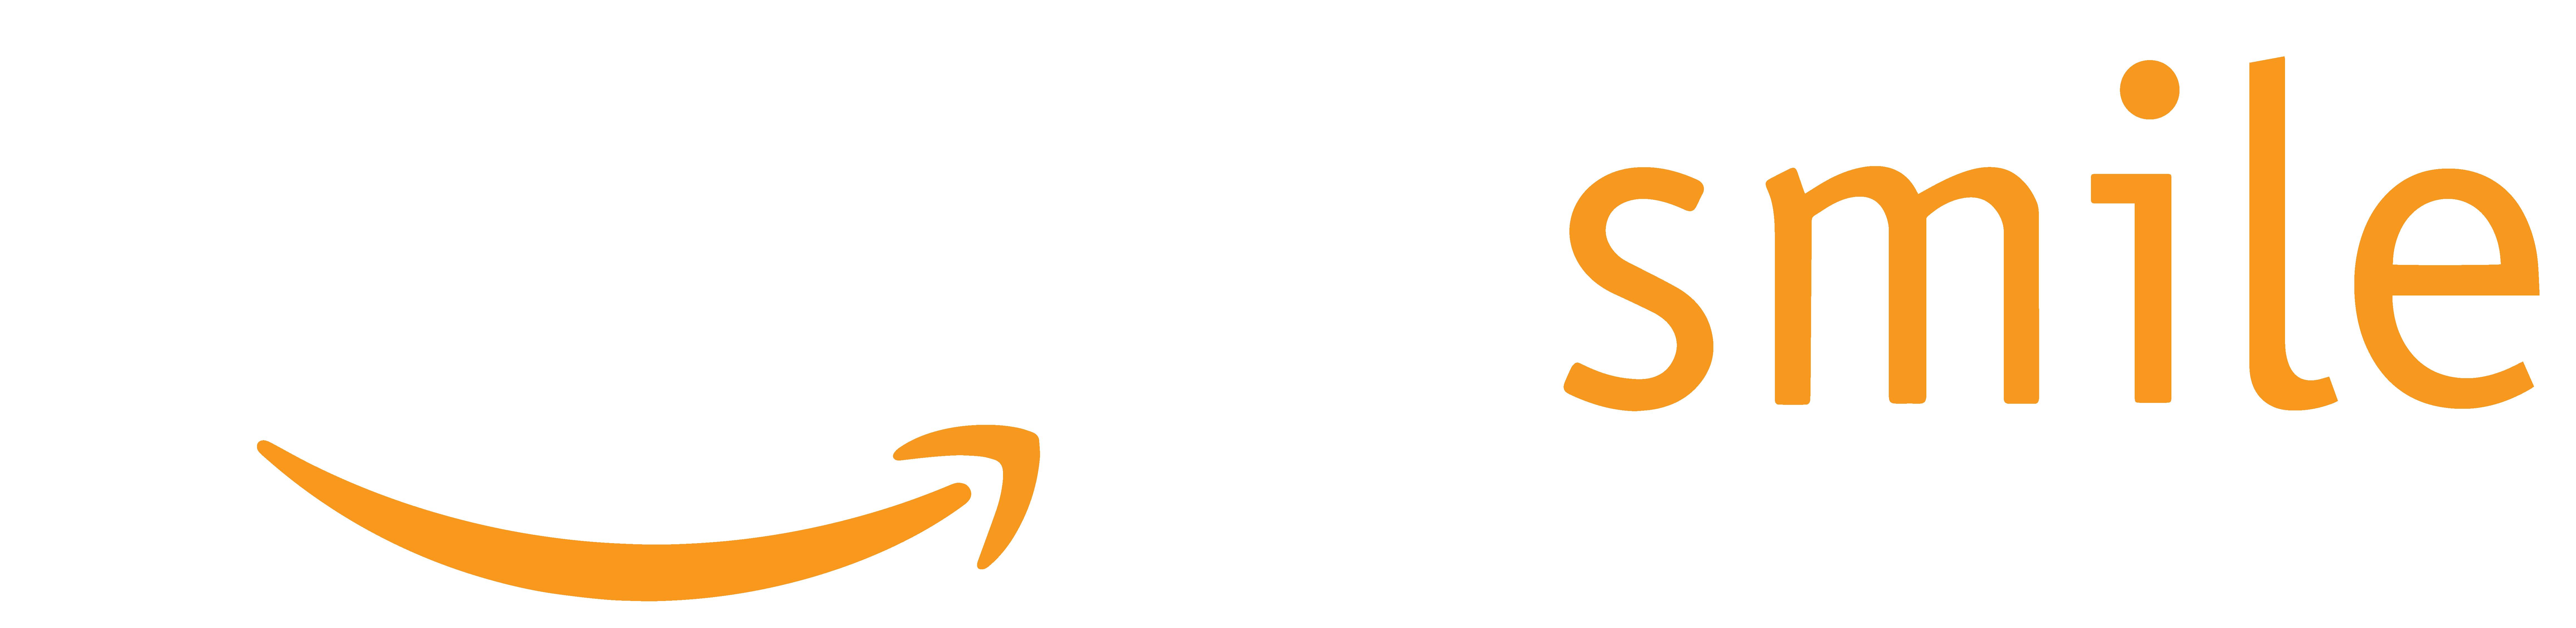 Support Smorgaschorus while you shop on Amazon